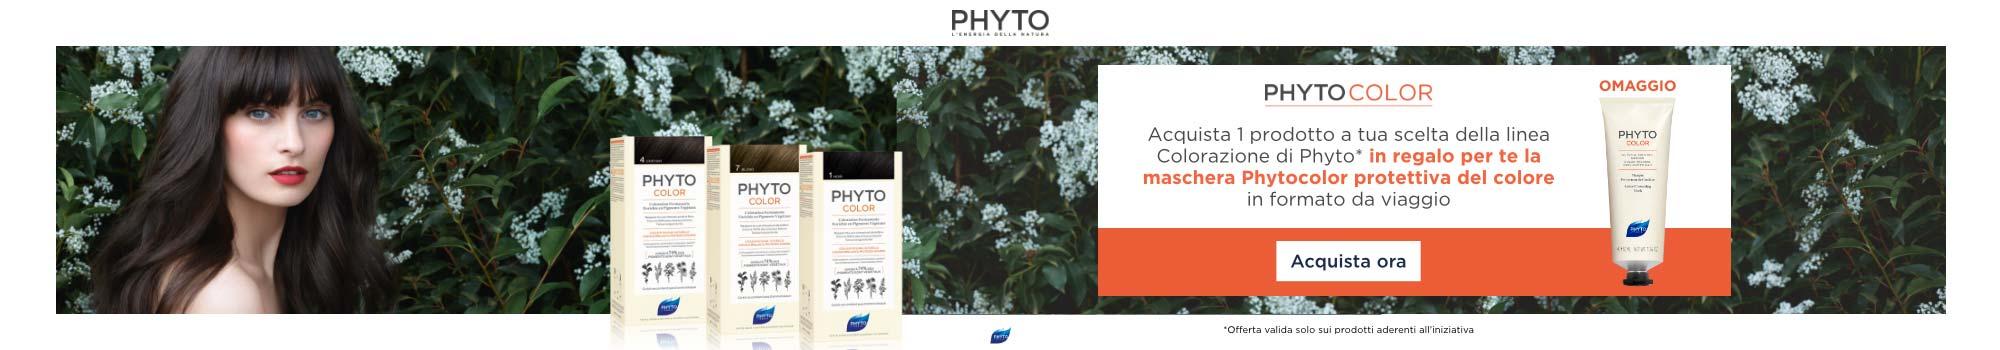 phytocolor maschera protettiva del colore